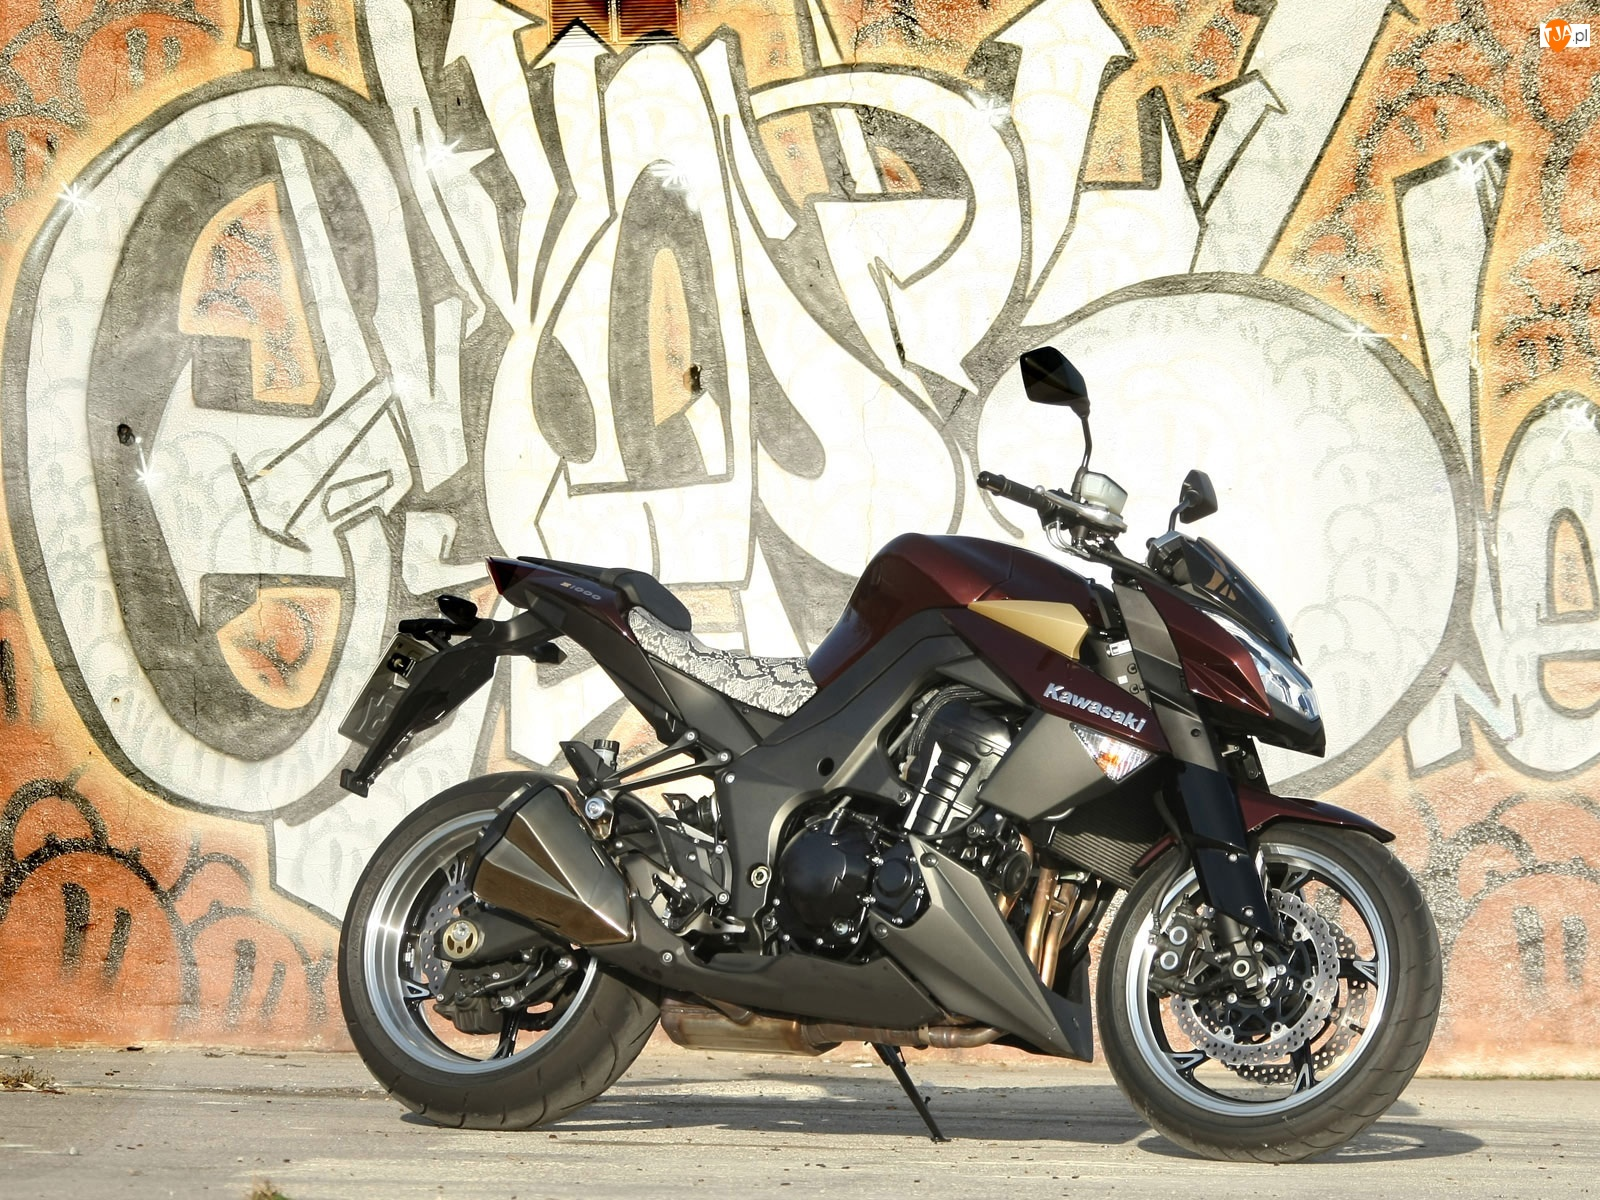 Kawasaki Z1000, Silnika, Graffiti, Blok